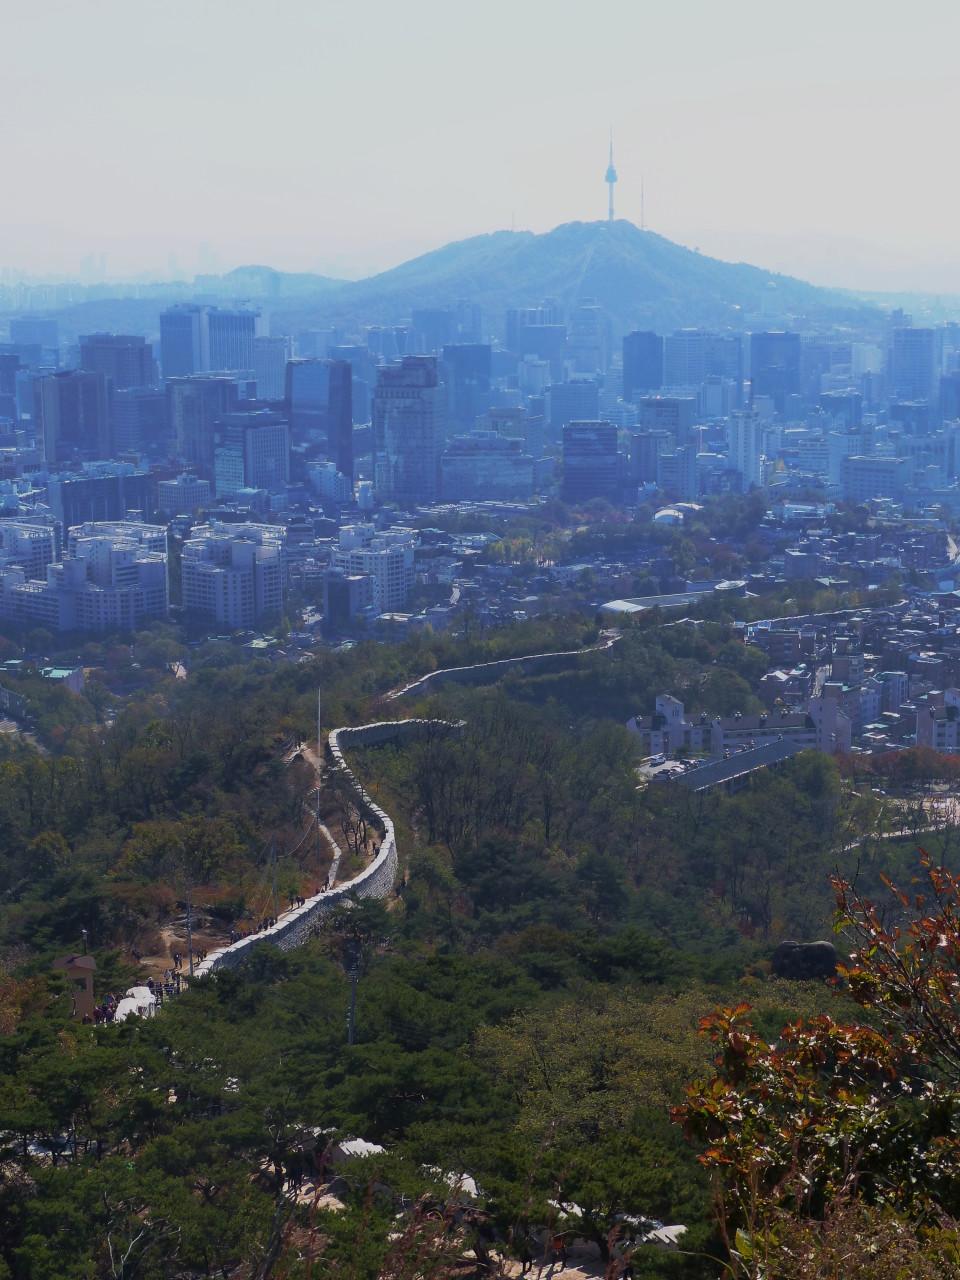 Blick auf die Stadtmauer Seouls und den N Seoul Tower auf Mount Namsan (alle Bilder © f1rstlife / Magdalena Wahl)